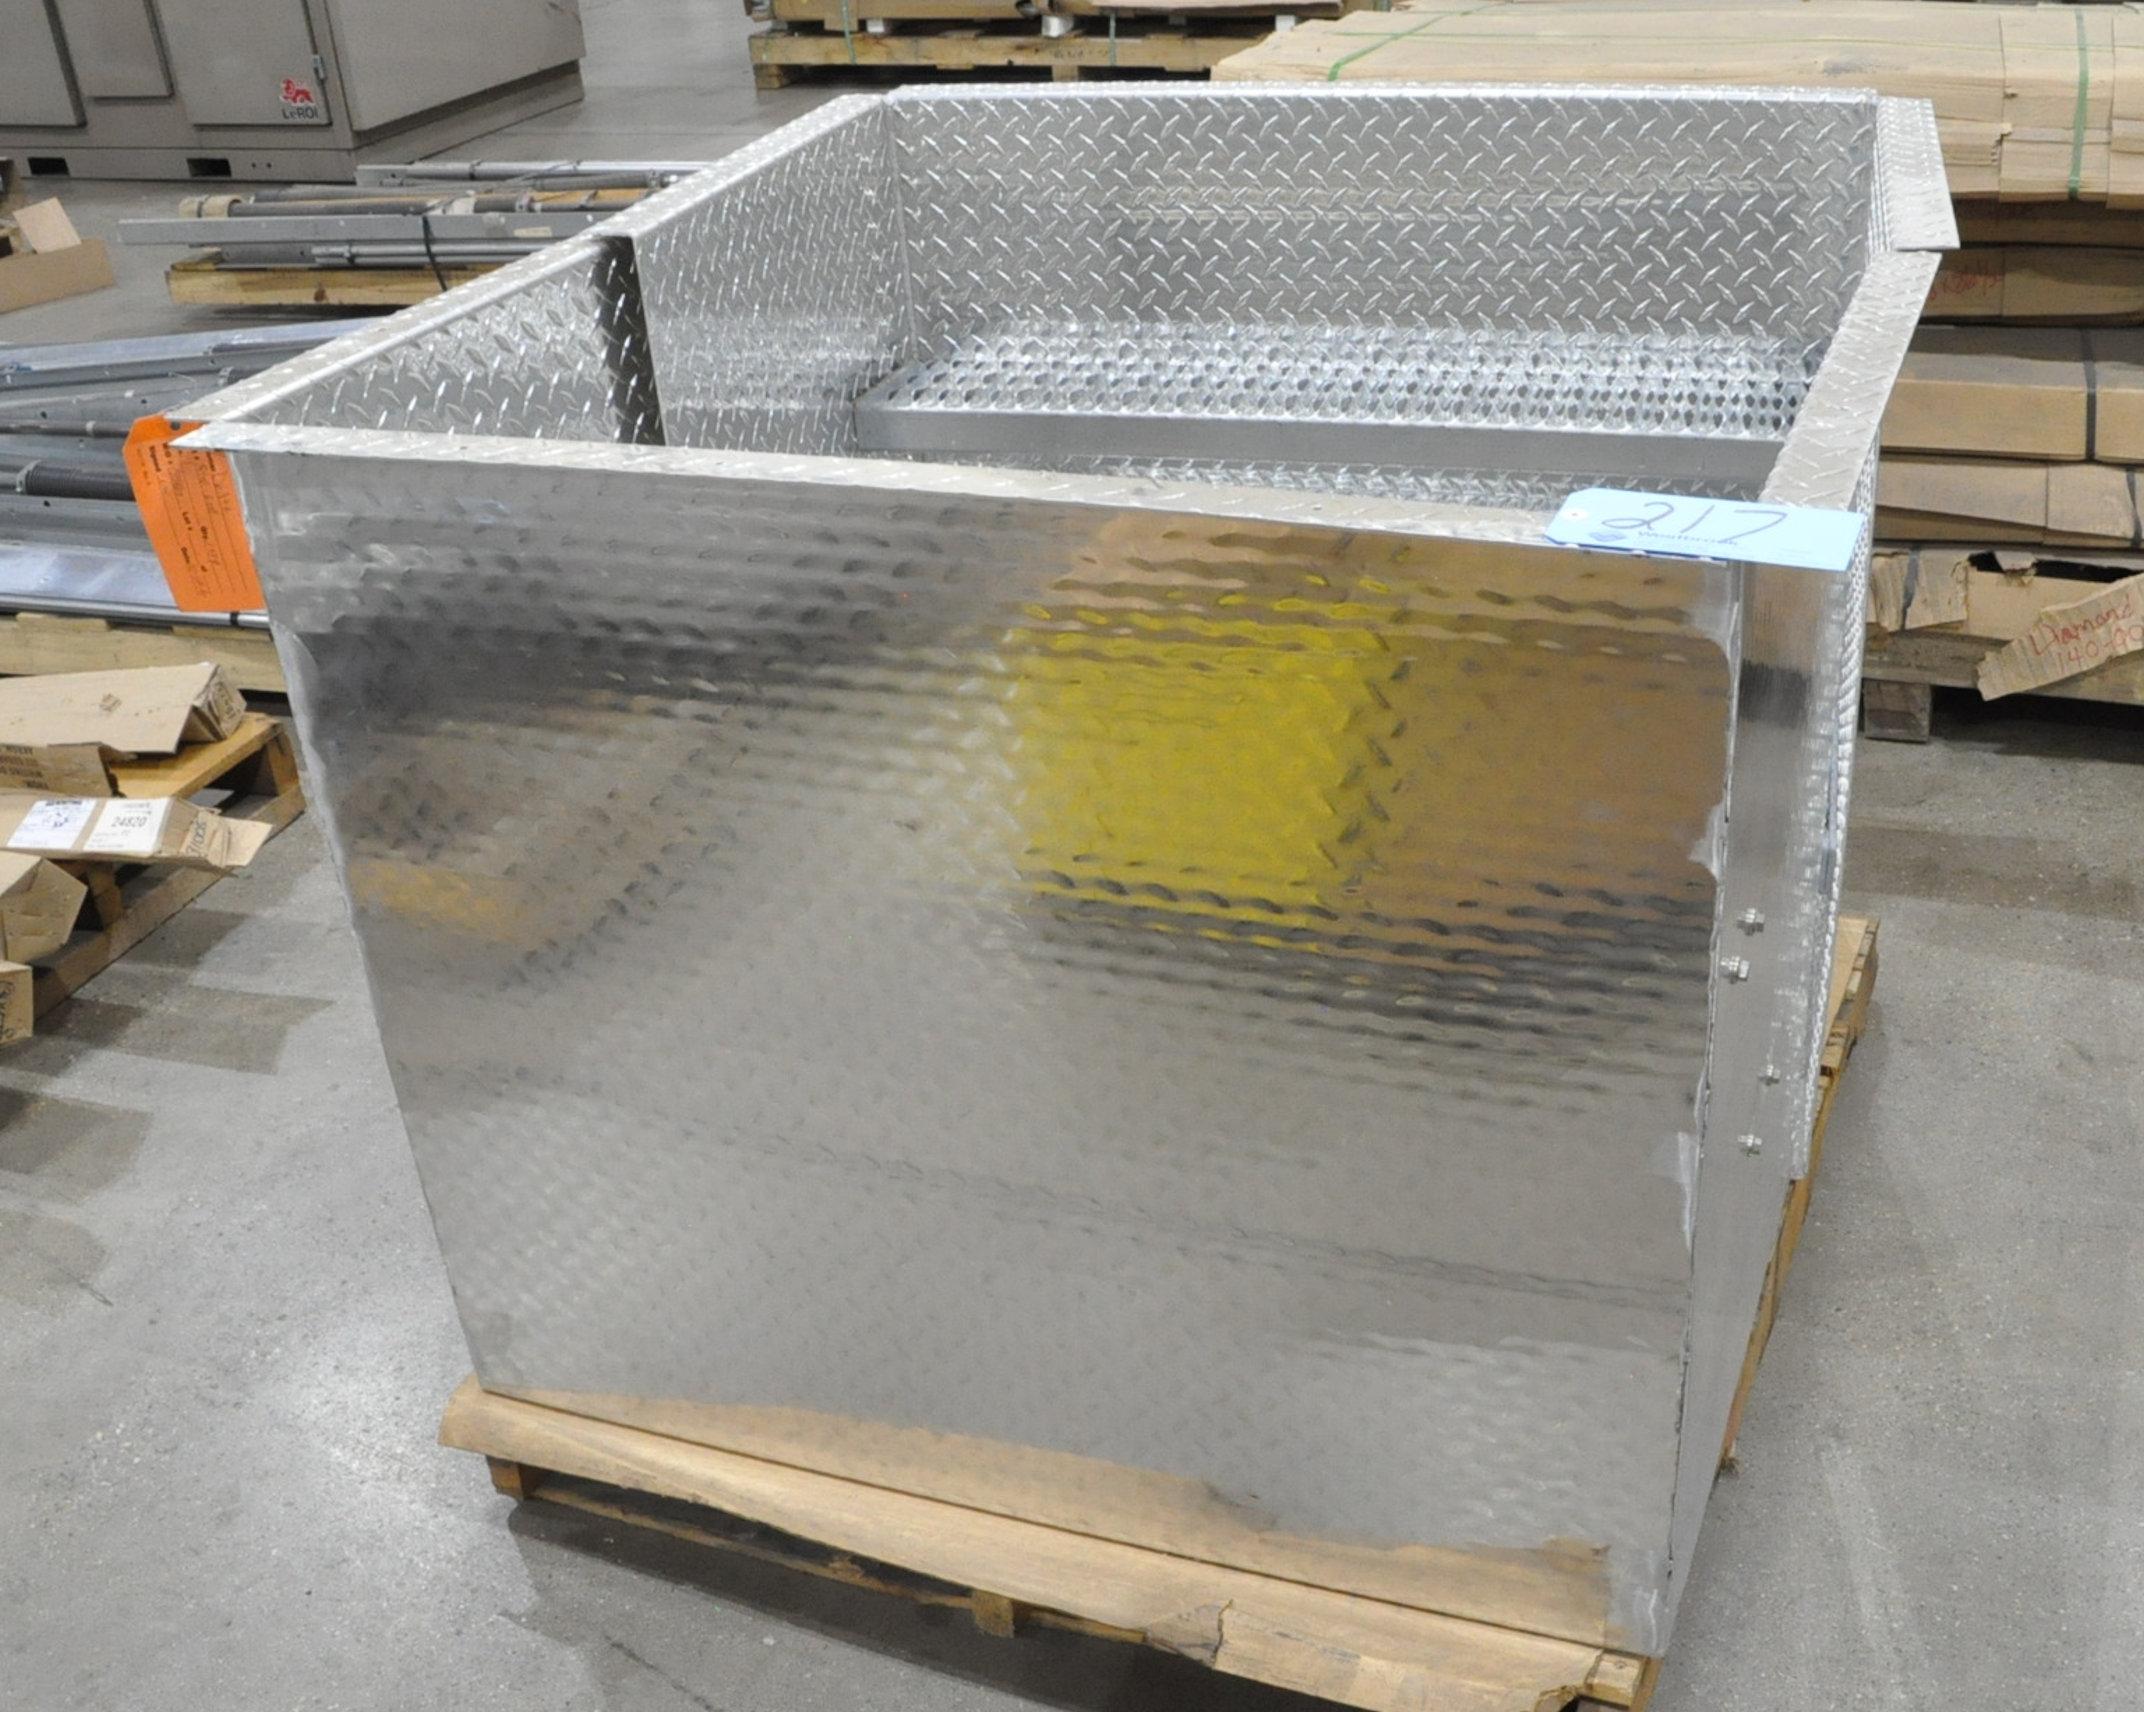 Lot-(2) Aluminum Diamond Plate Step Assemblies on (1) Pallet